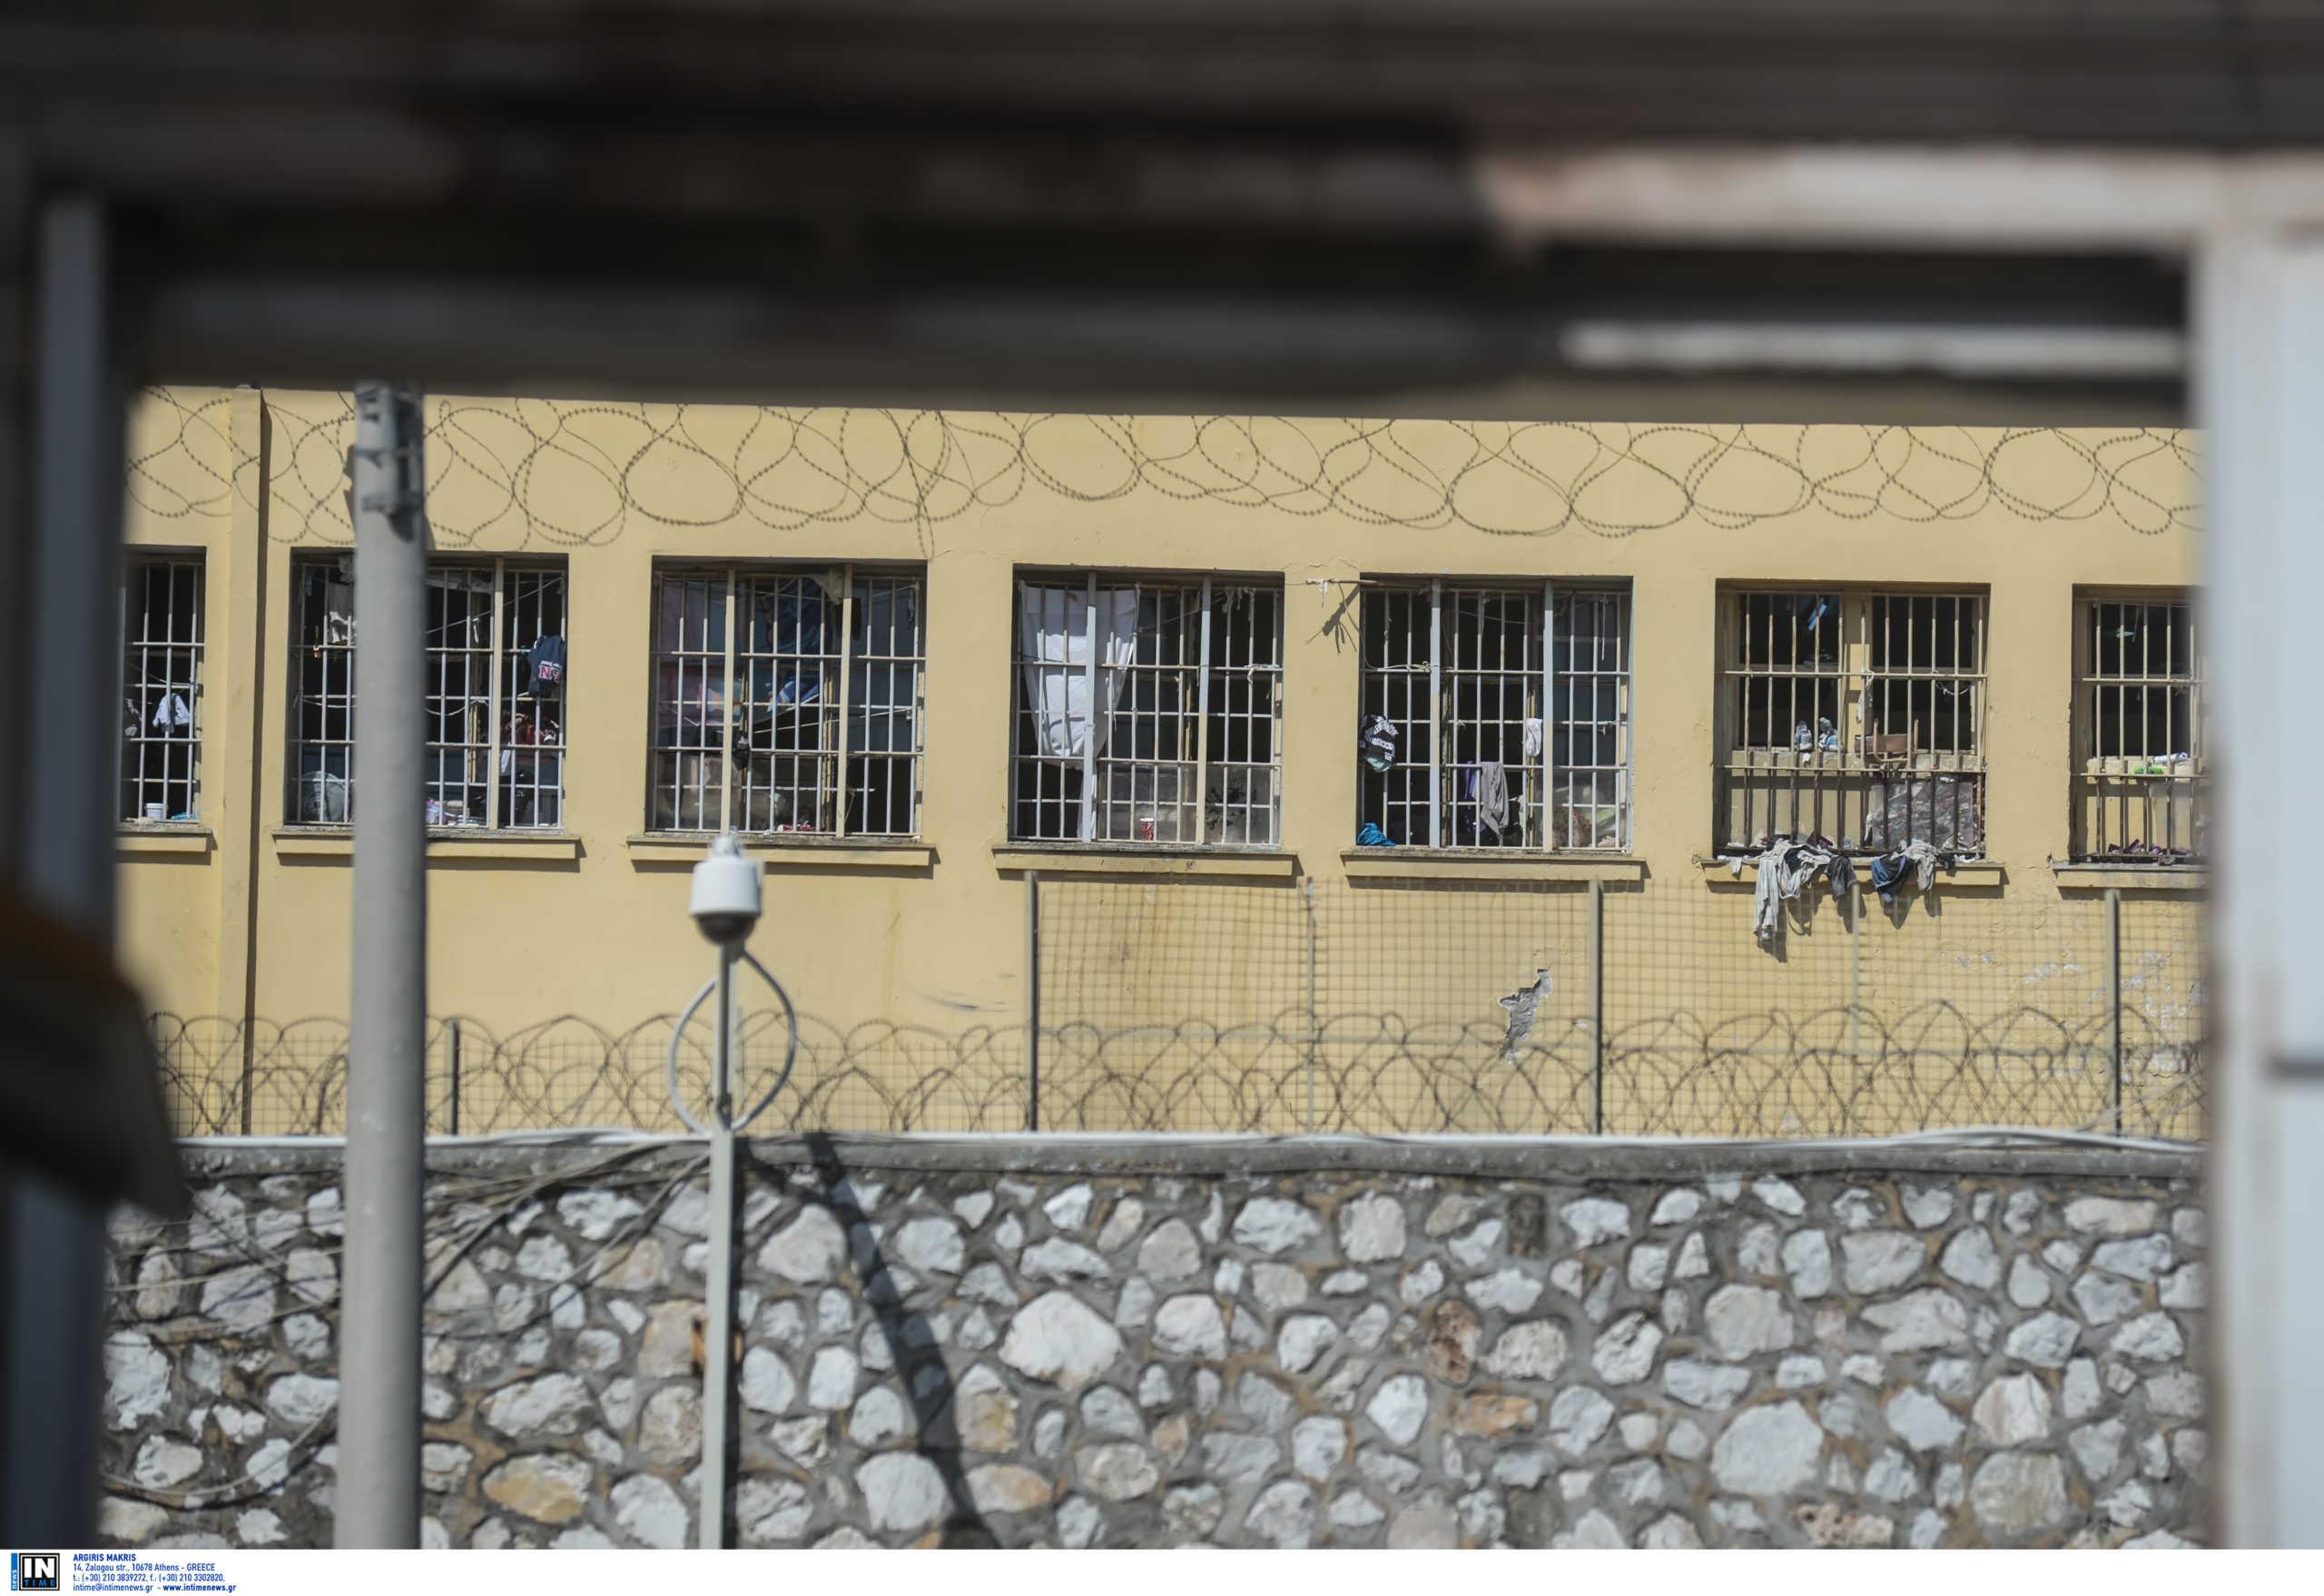 Θεσσαλονίκη – Κορονοϊός: Πέθανε ισοβίτης στο Ιπποκράτειο! Δεύτερος νεκρός από τις φυλακές Διαβατών